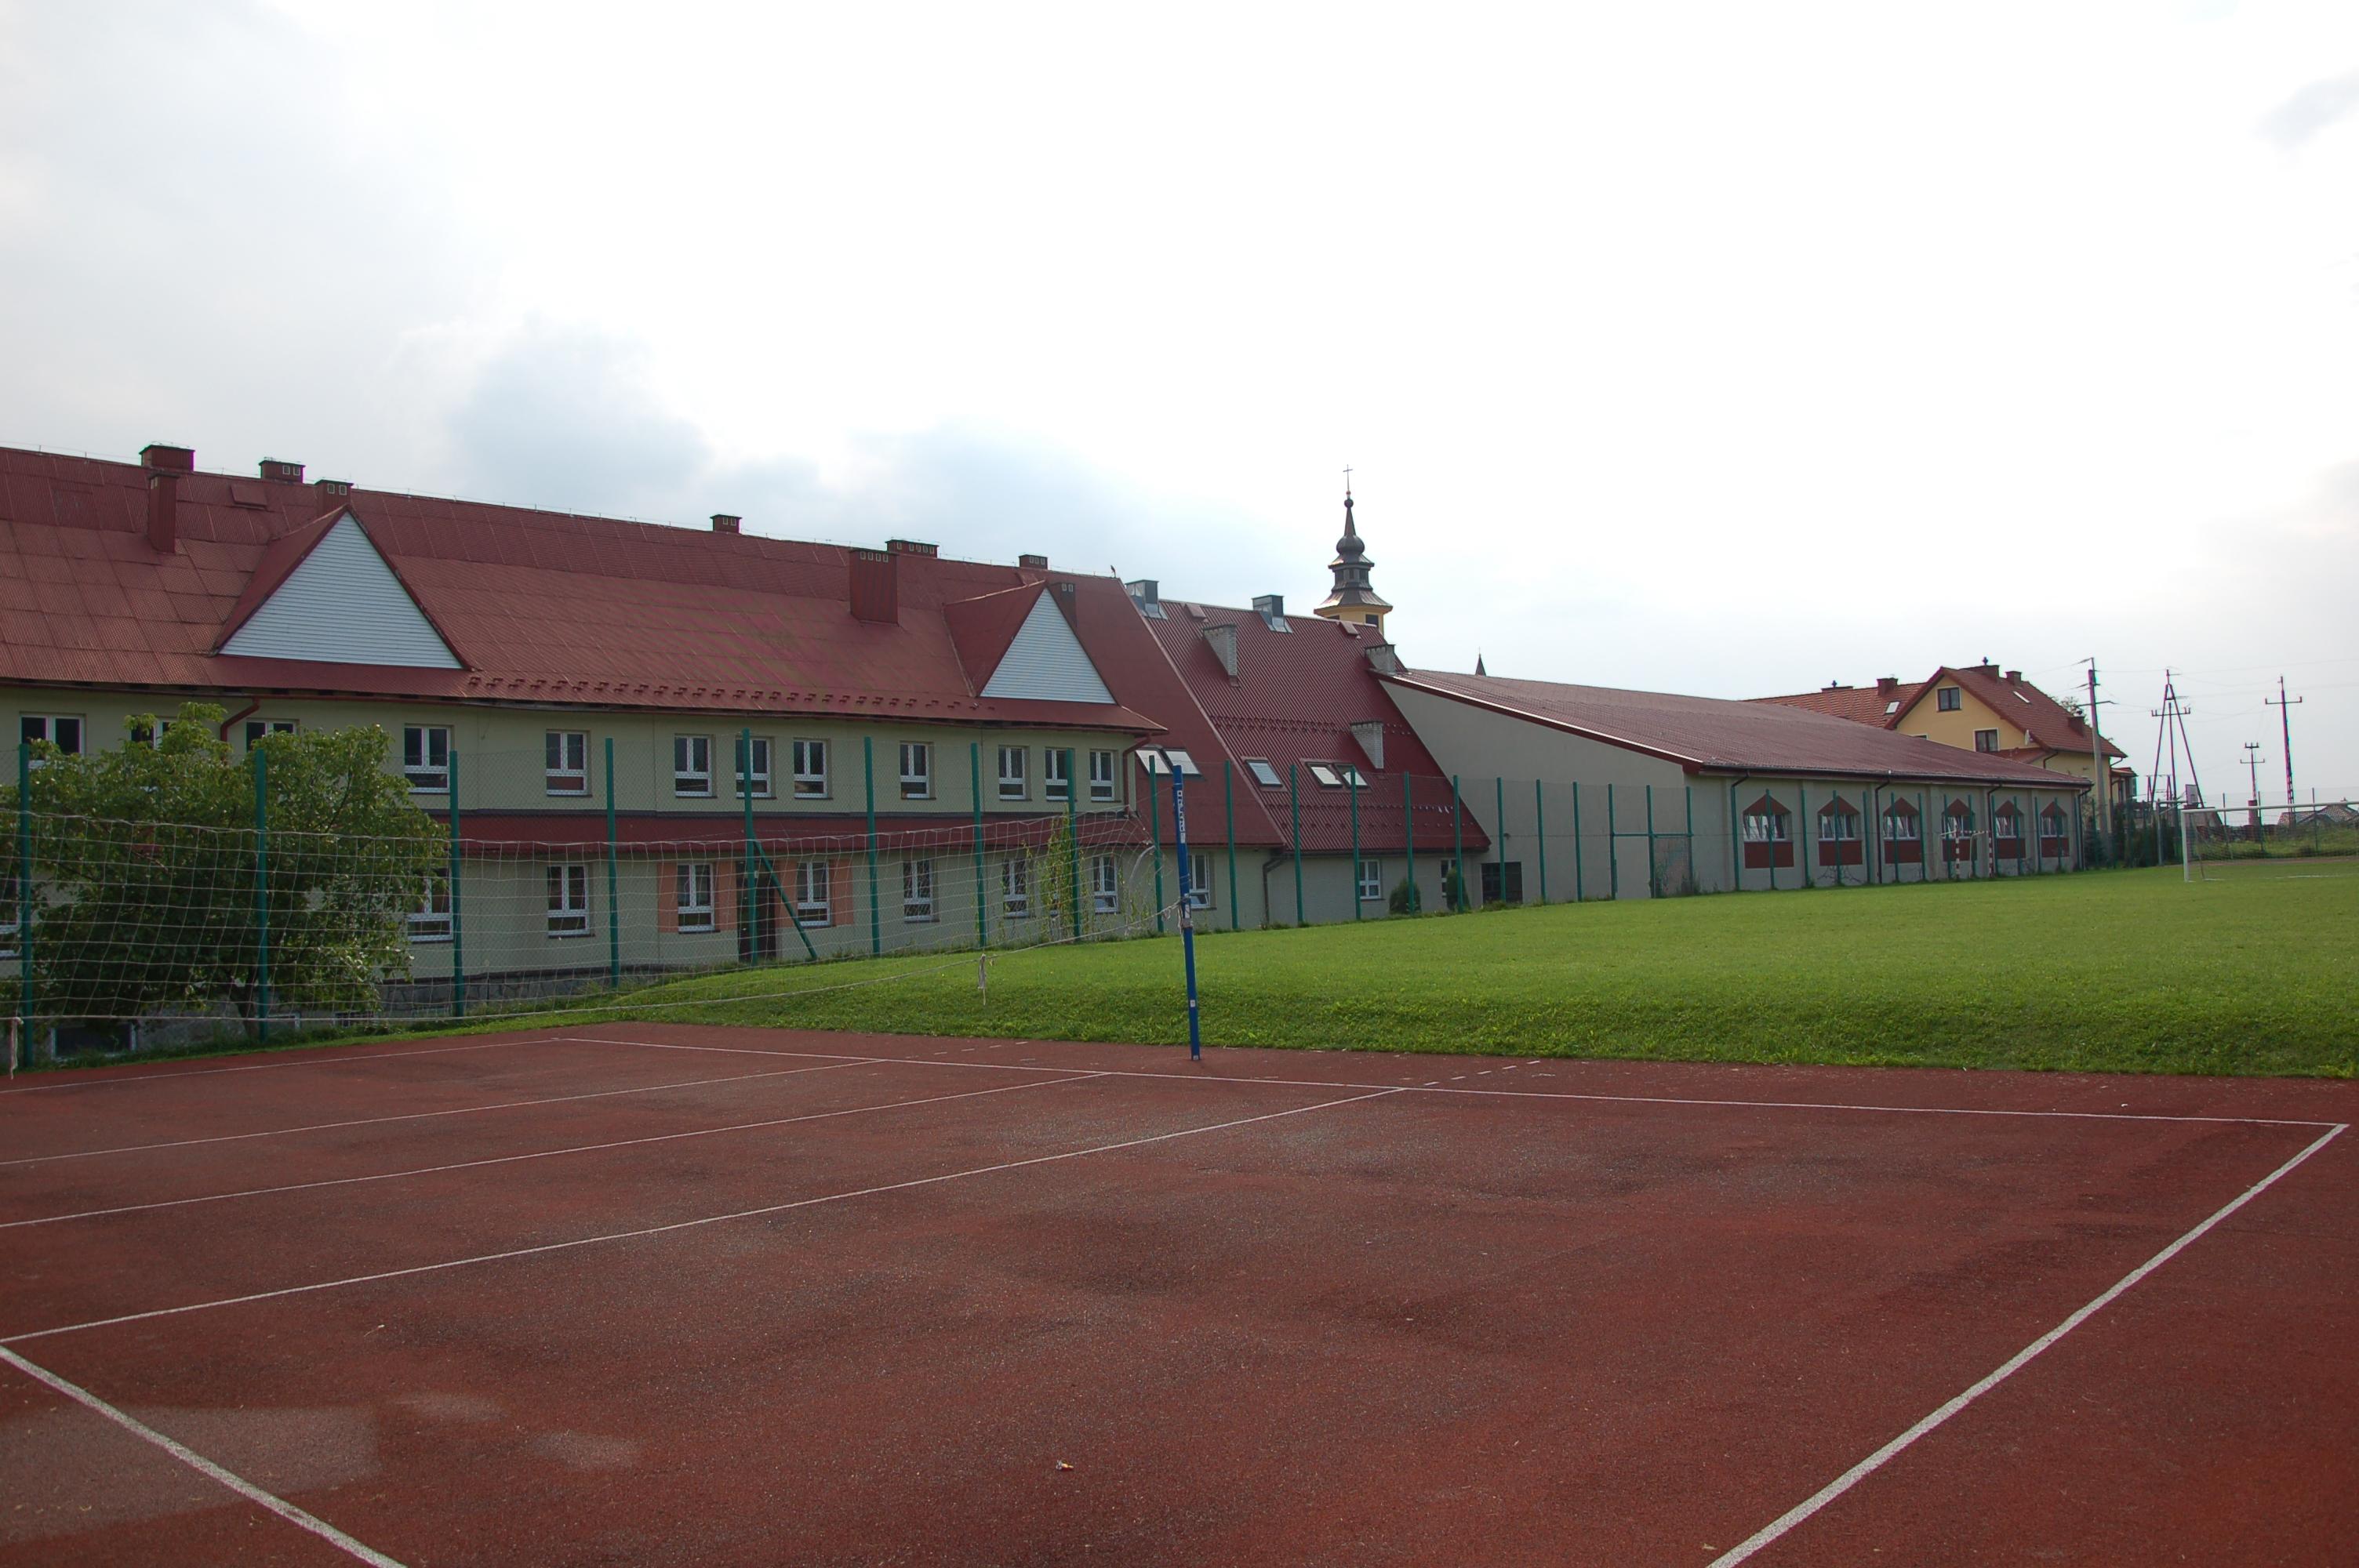 Gmina otrzymała dofinansowanie na budowę boisk w Mordarce, Pasierbcu i Kłodnem! - zdjęcie główne